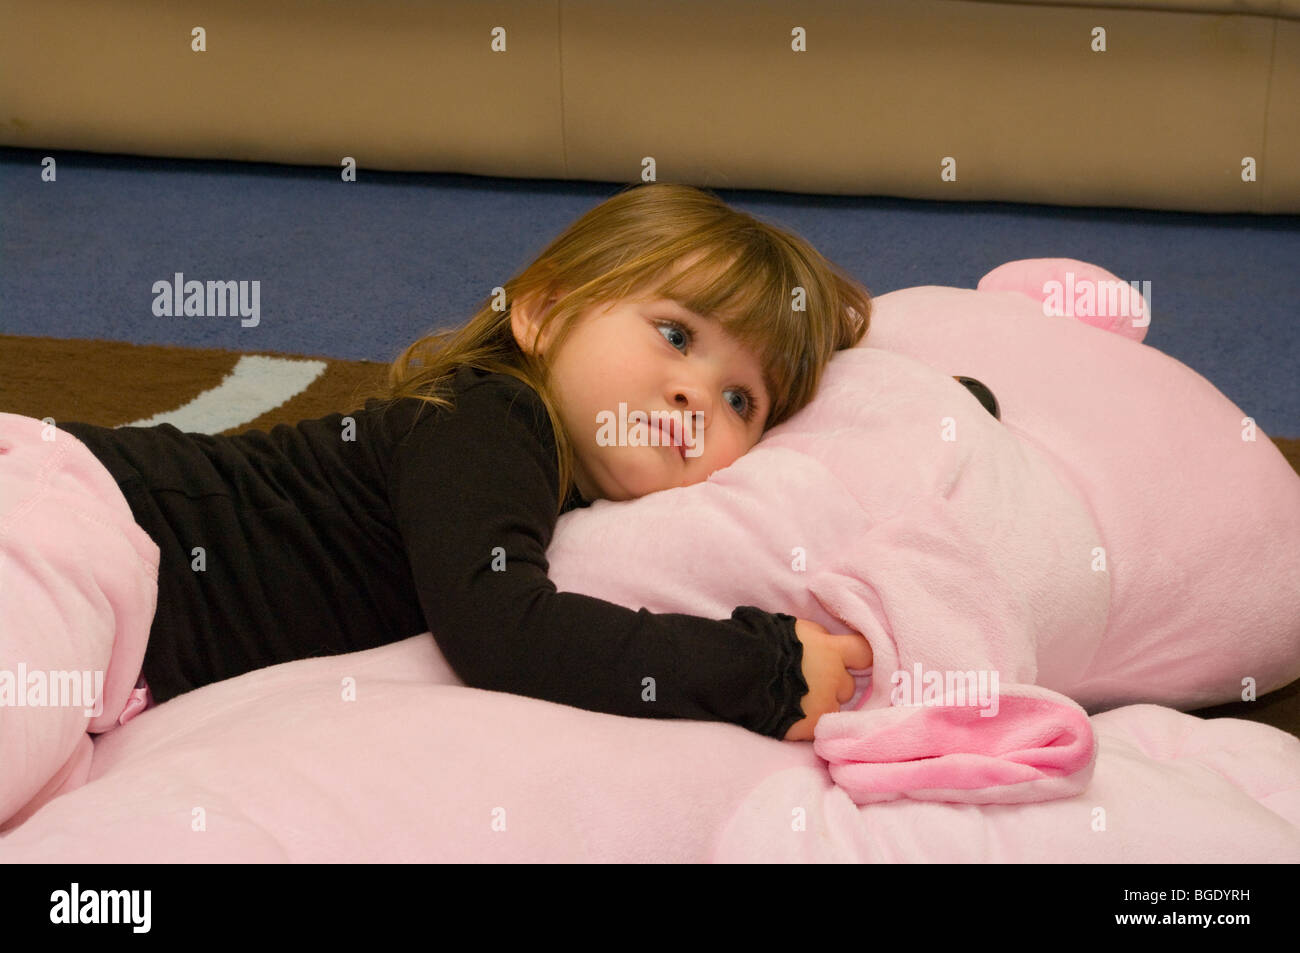 Baby Girl Laying On A Big Pink Beanbag - Stock Image